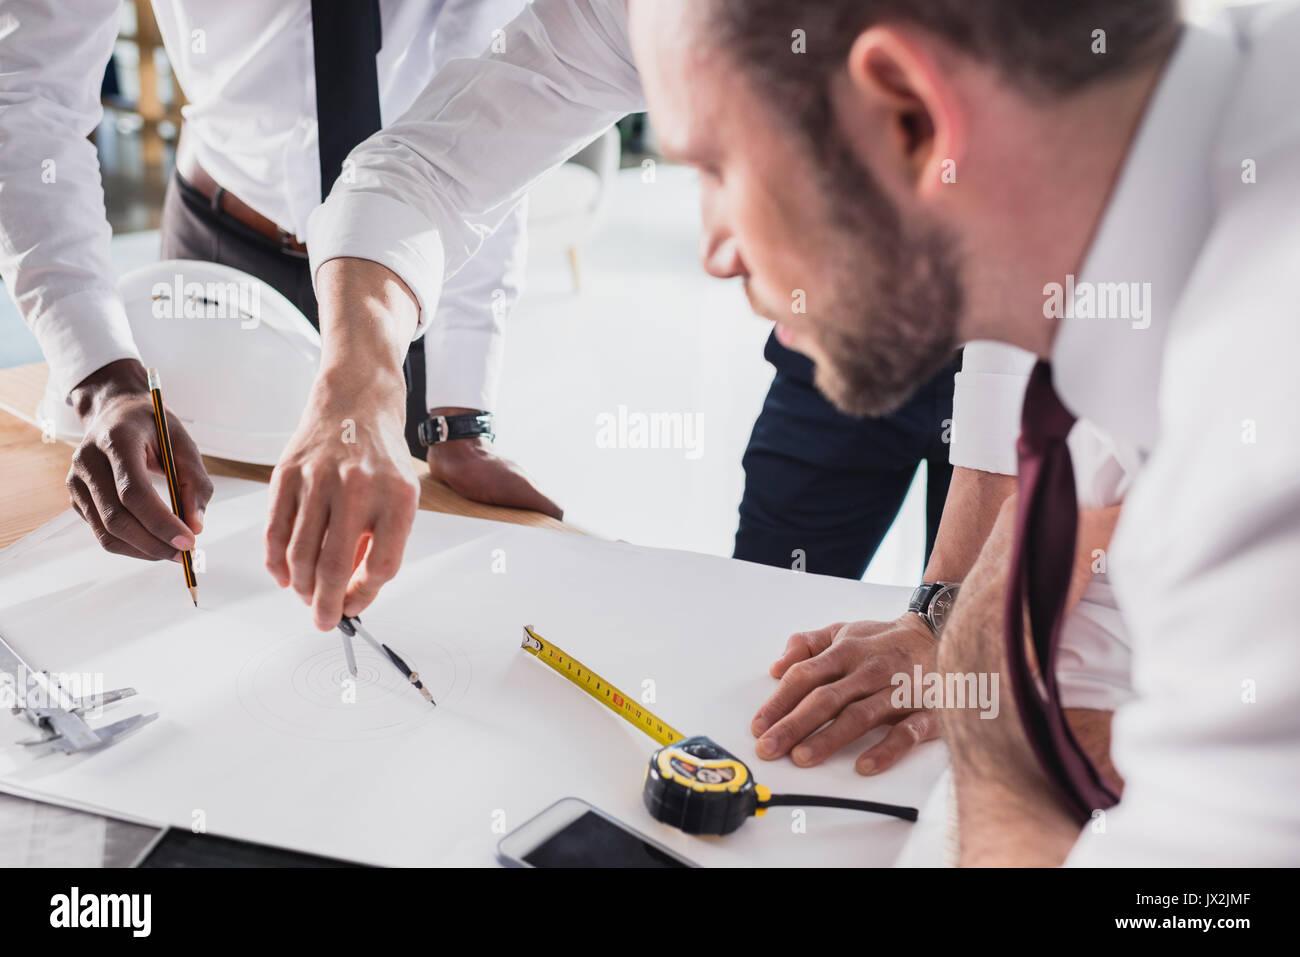 Équipe d'architectes travaillant sur le plan ensemble dans un bureau moderne Photo Stock